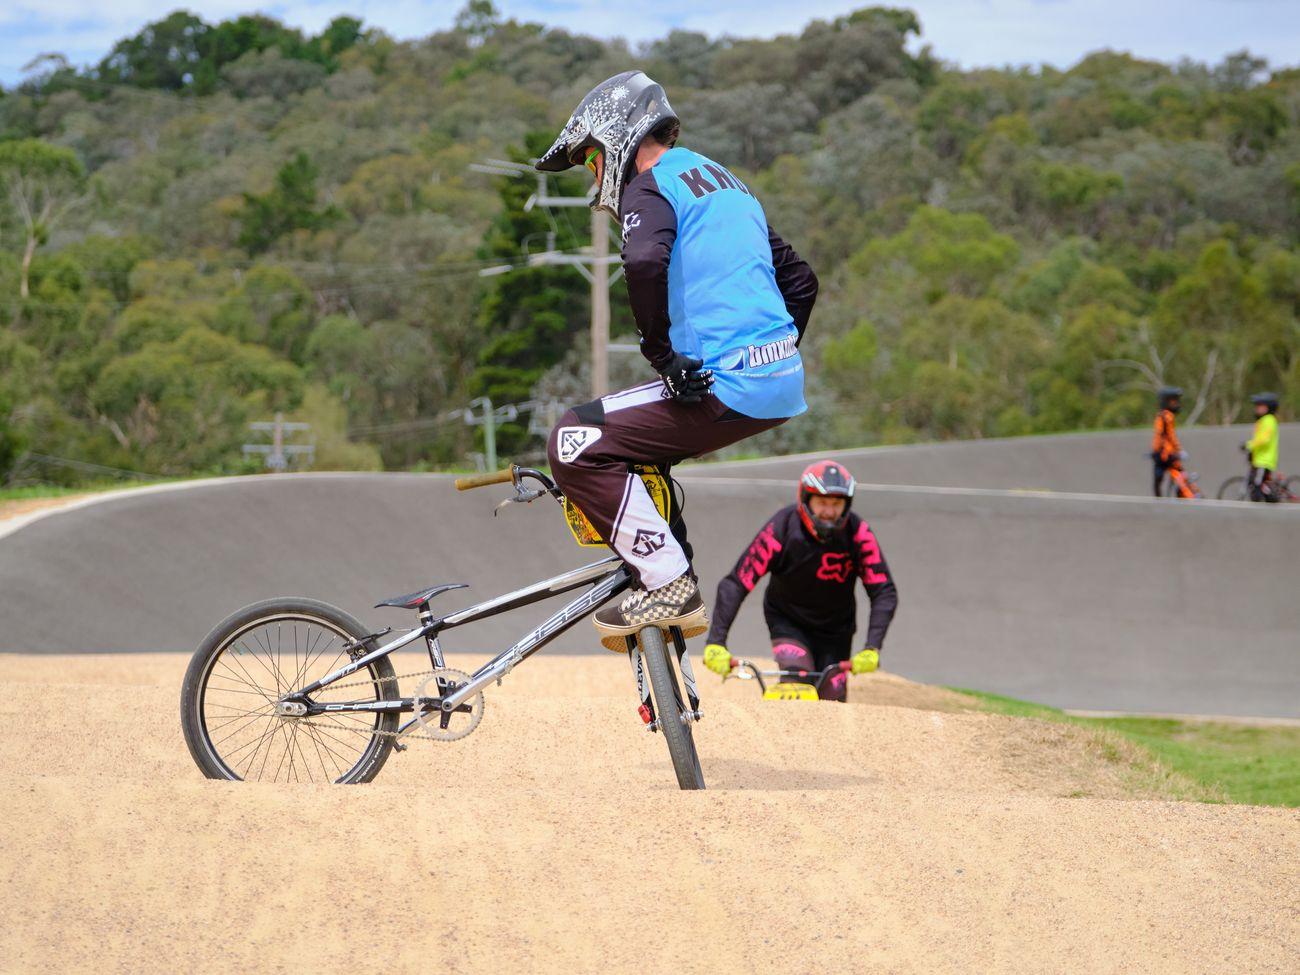 Having fun on a BMX